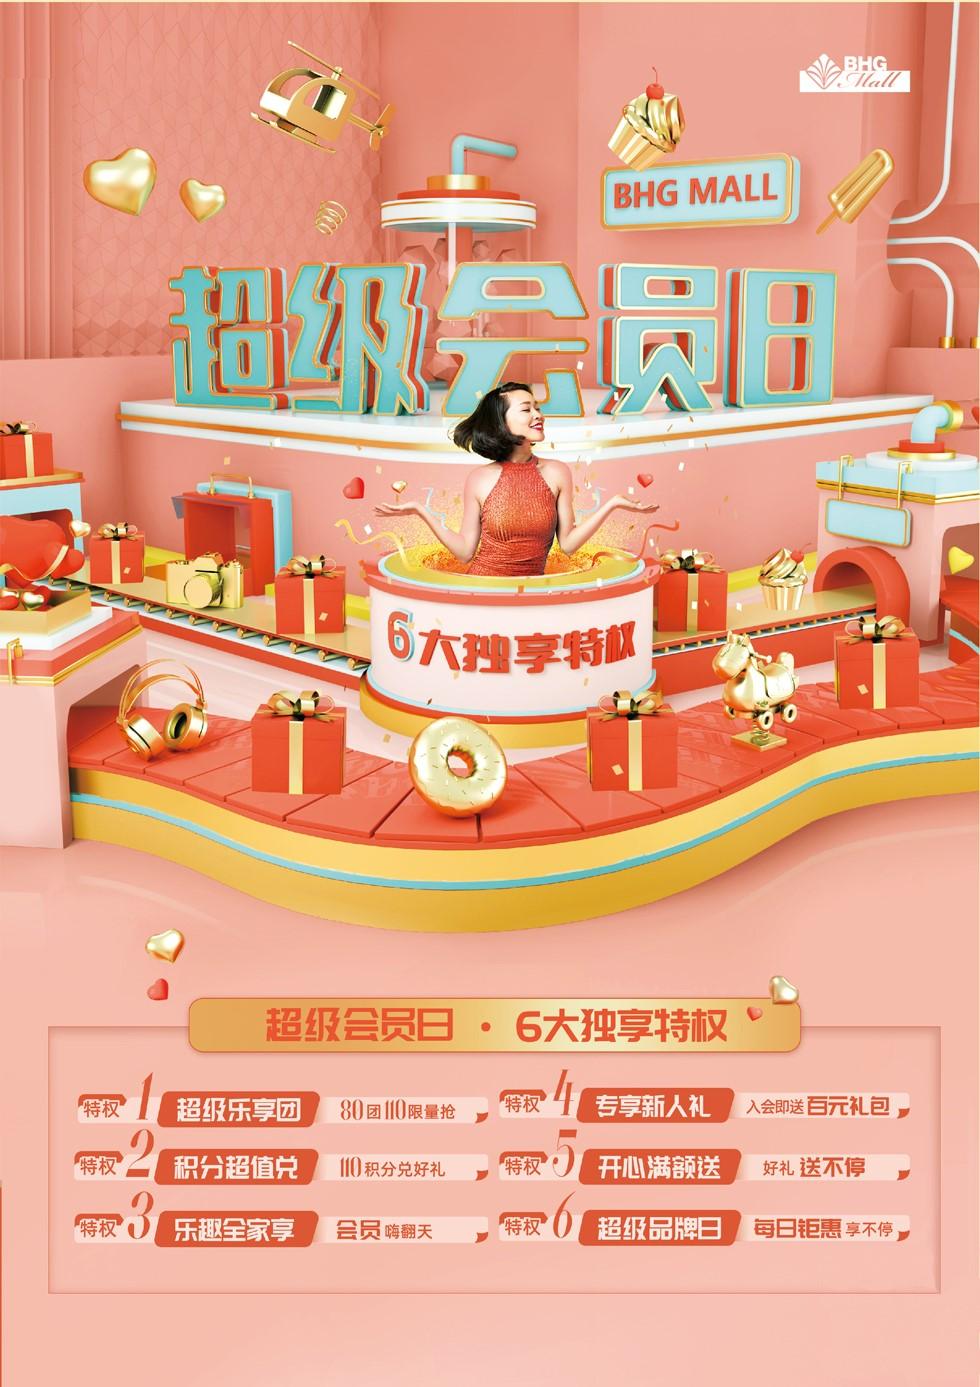 享超级会员日 获VIP尊贵礼遇 就在北京华联购物中心BHG Mall